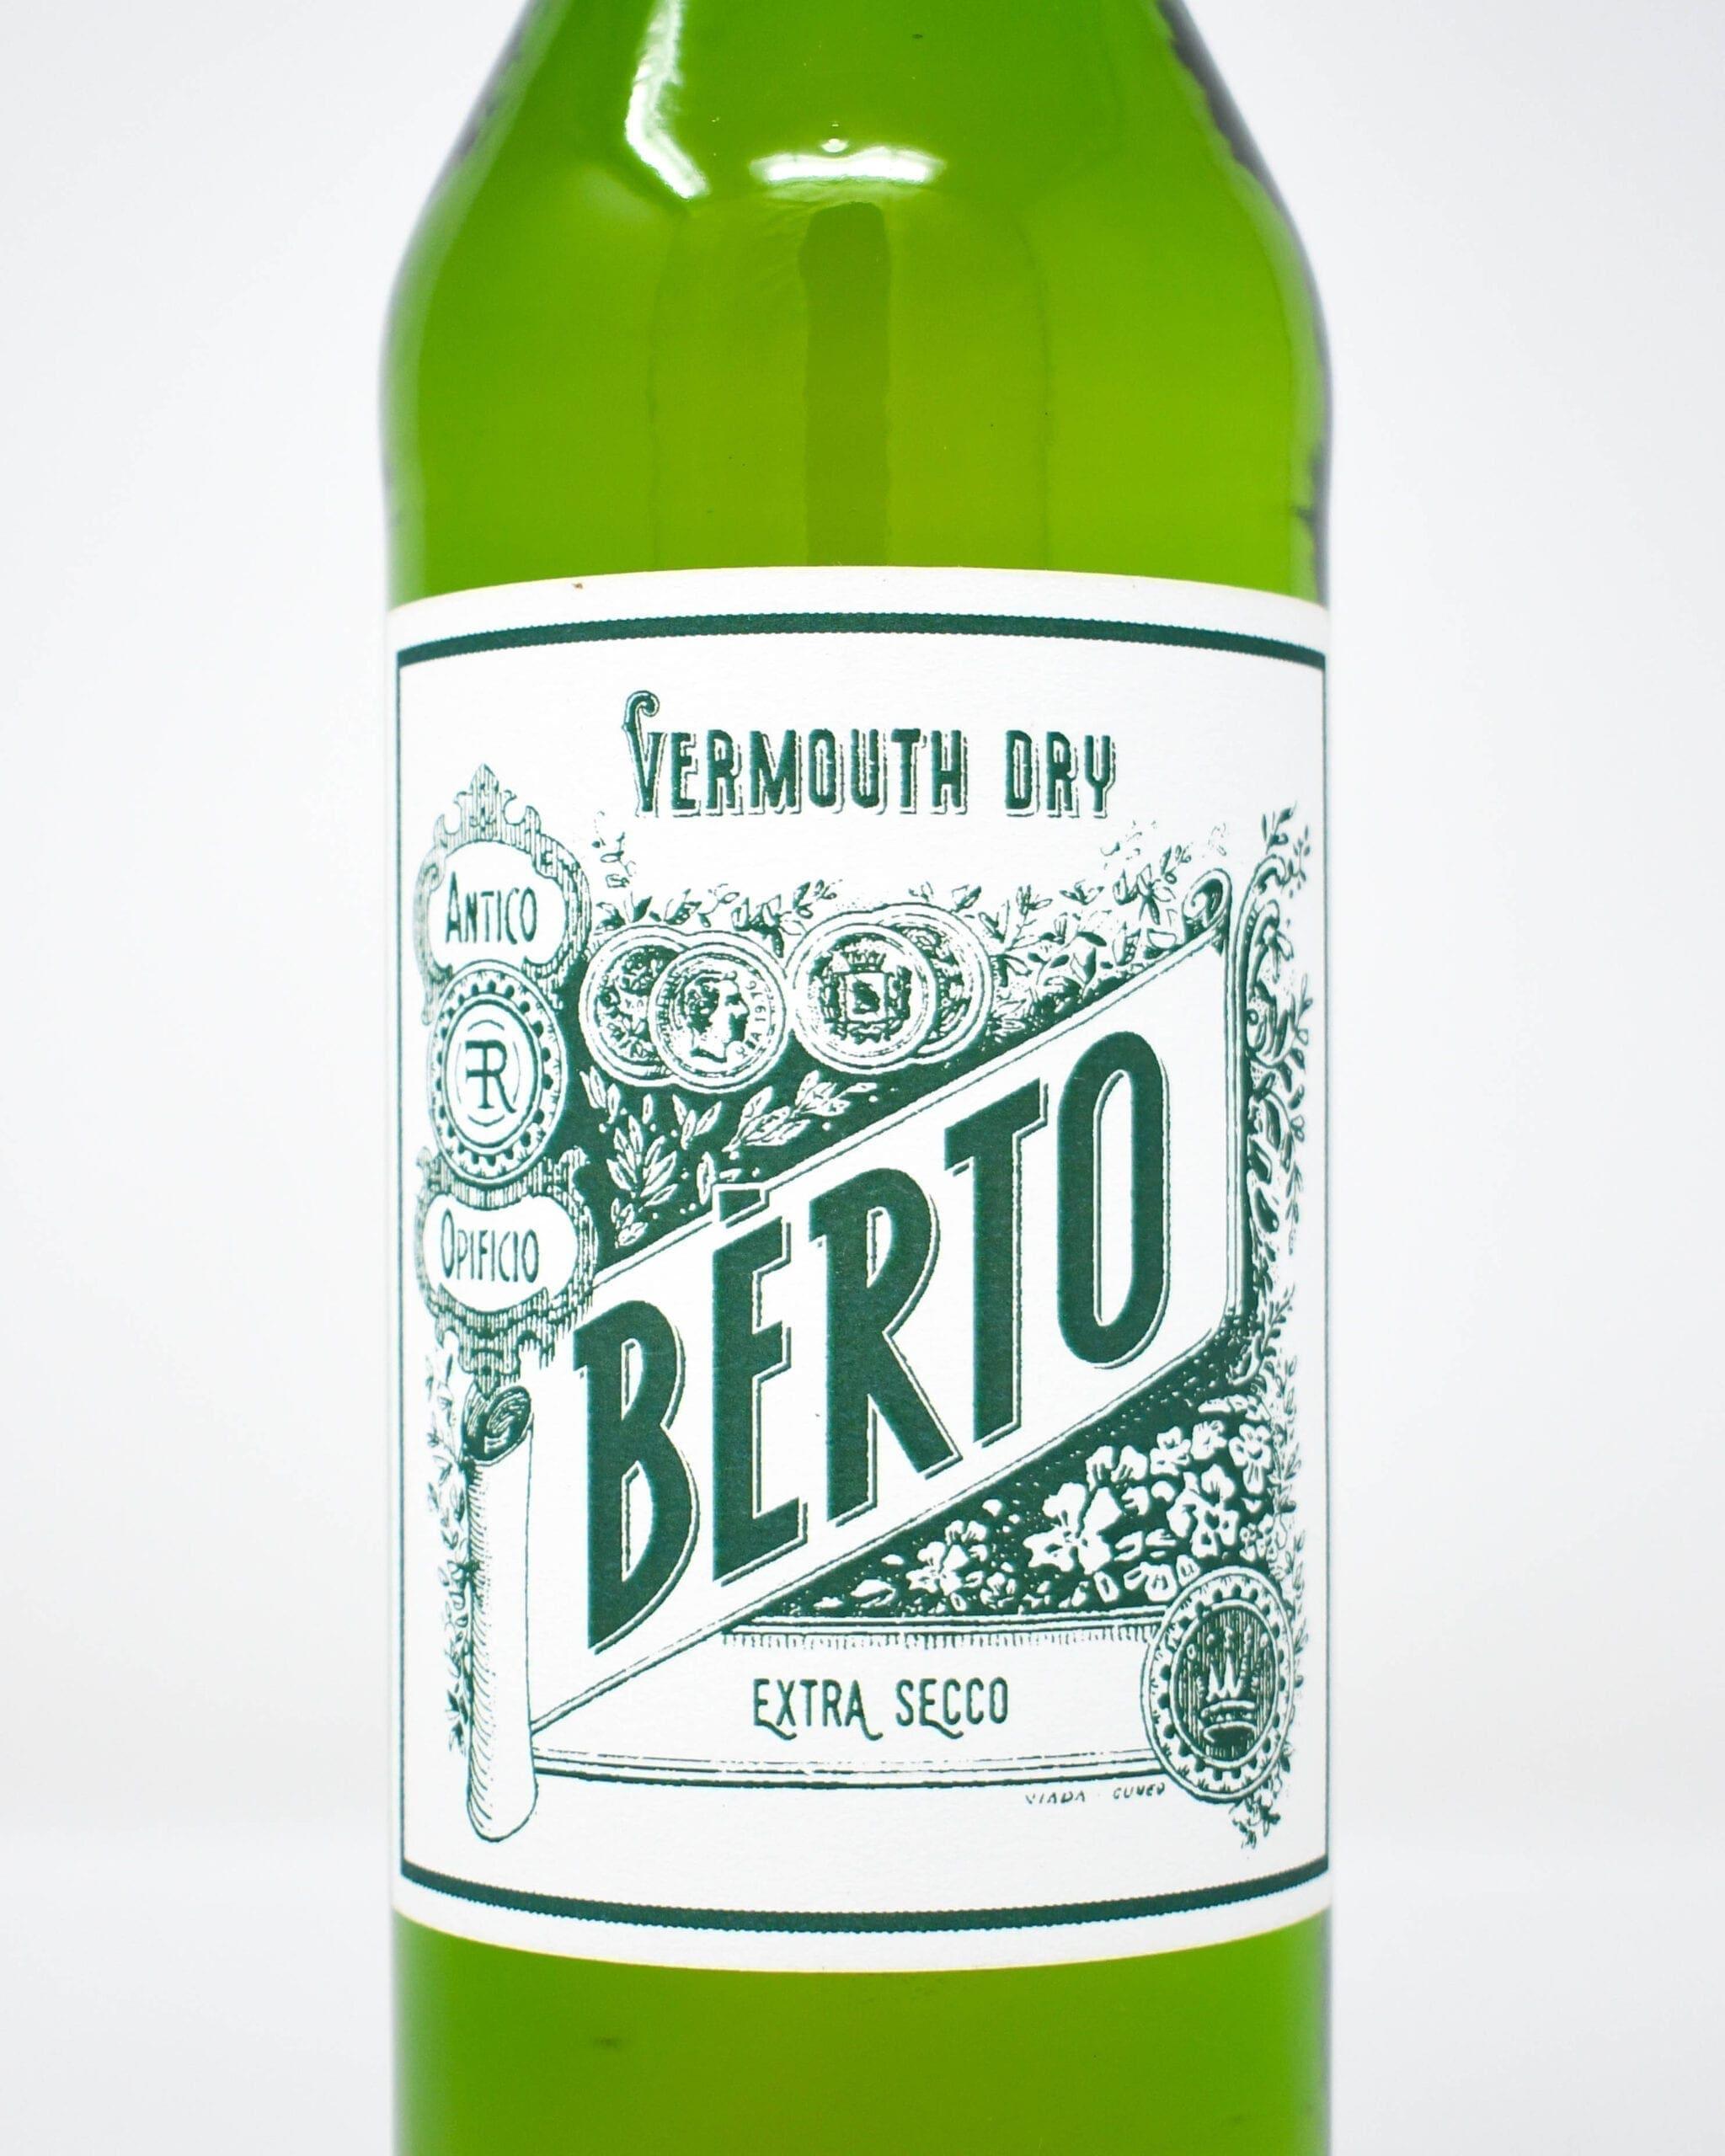 Berto Vermouth Dry